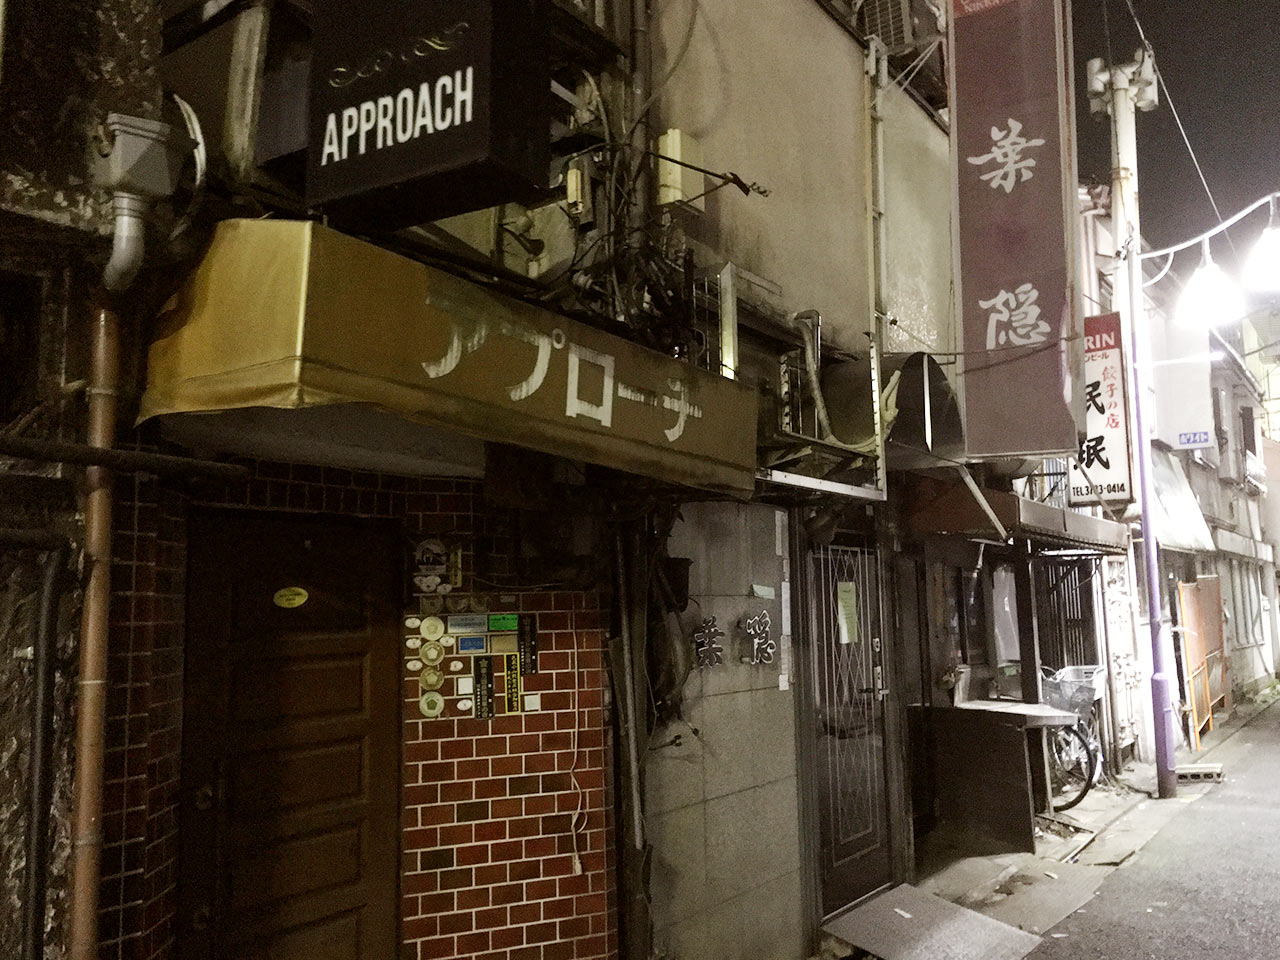 musashikoyama-ekimae-saikaihatsu-street04